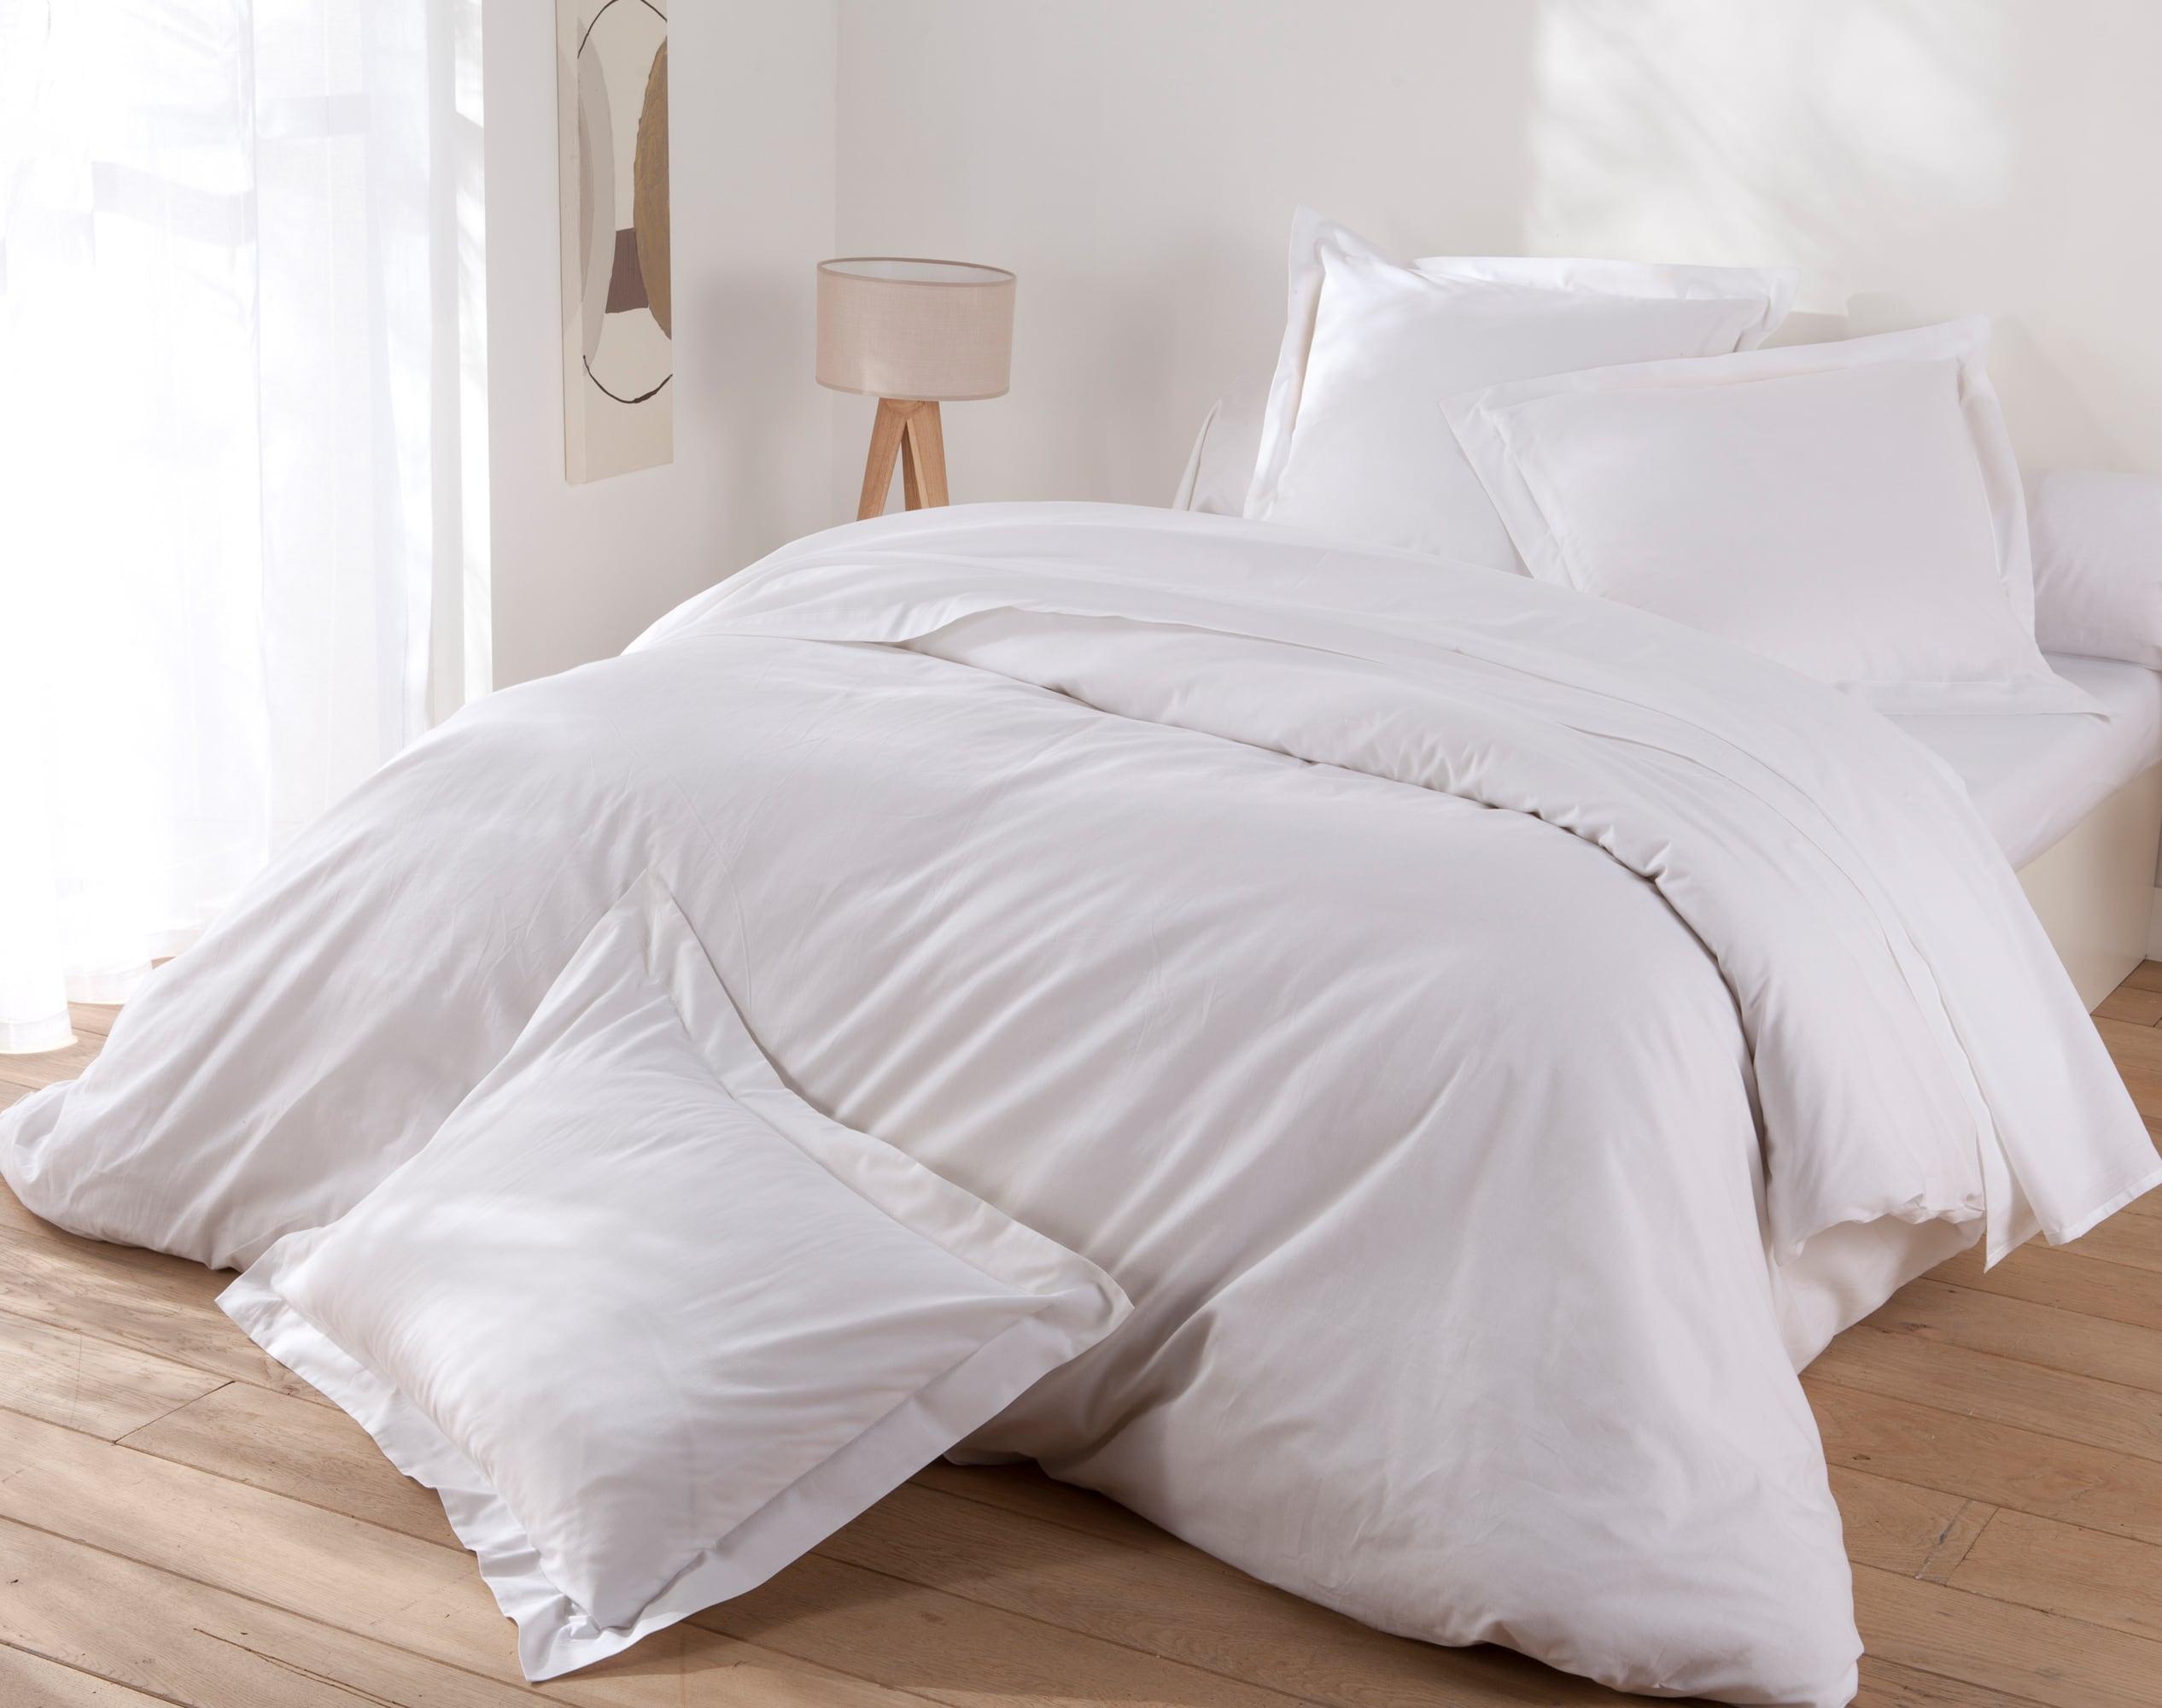 Housse de couette 200x200 en coton blanc